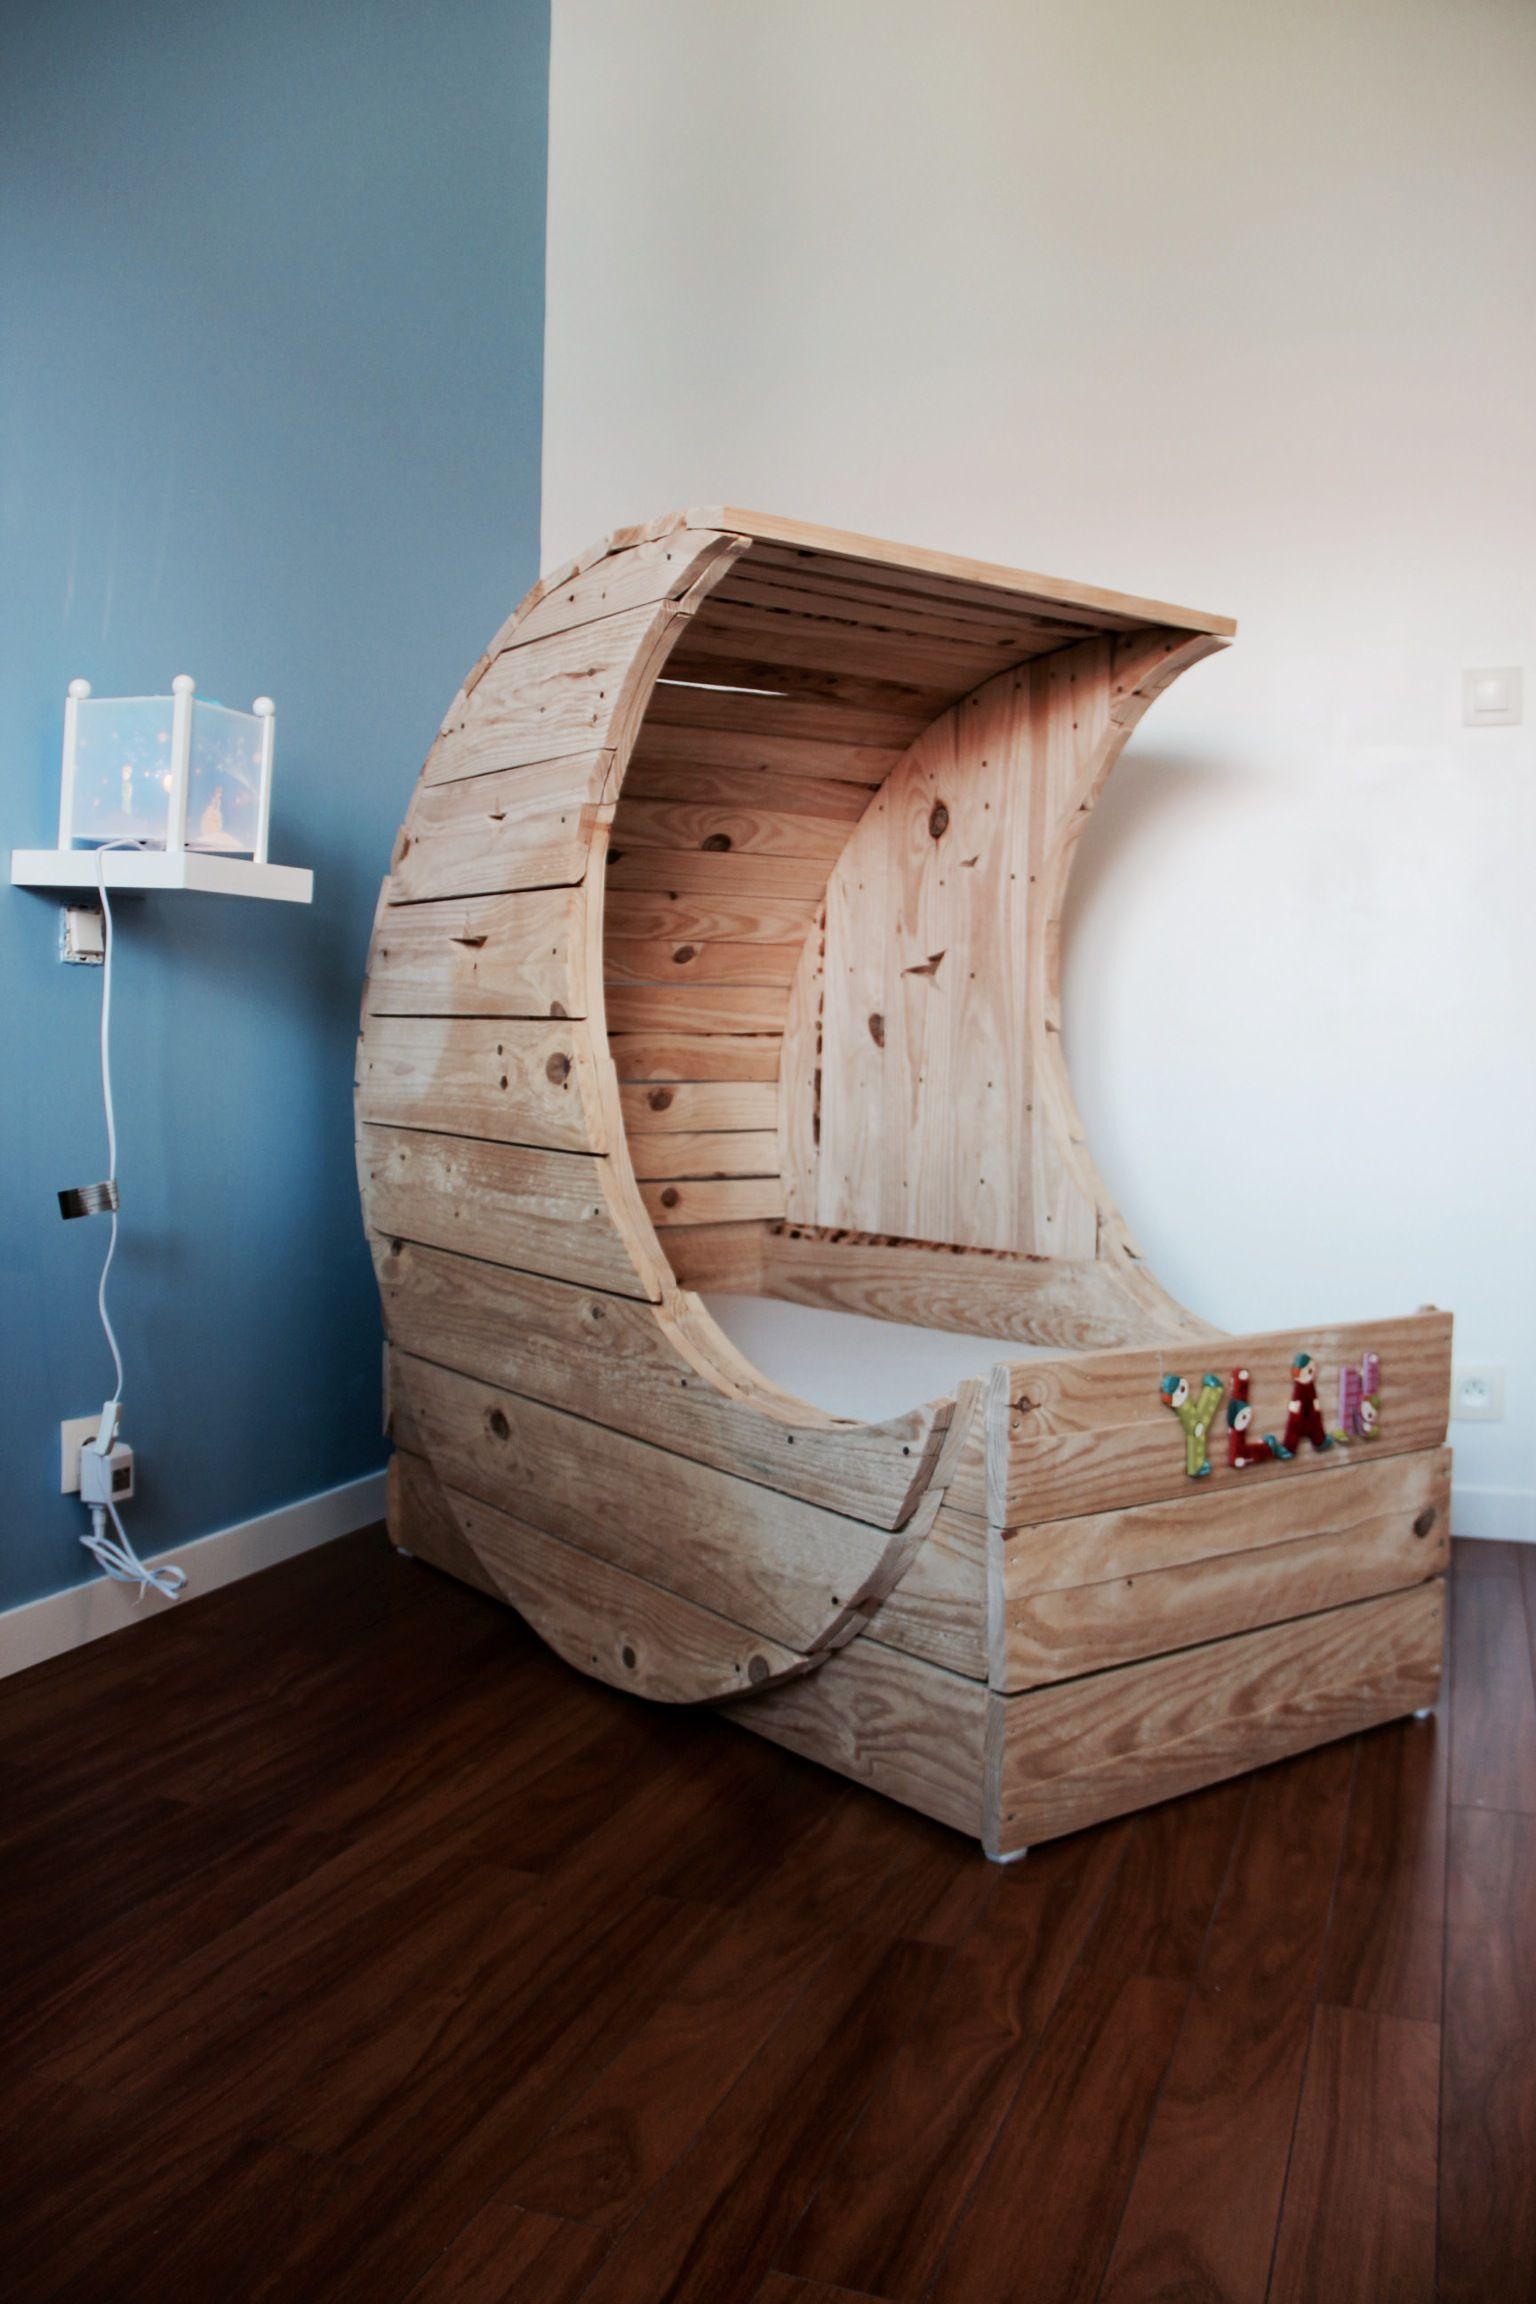 berceau ylan en palettes selber bauen pinterest berceau palette et le coin des enfants. Black Bedroom Furniture Sets. Home Design Ideas